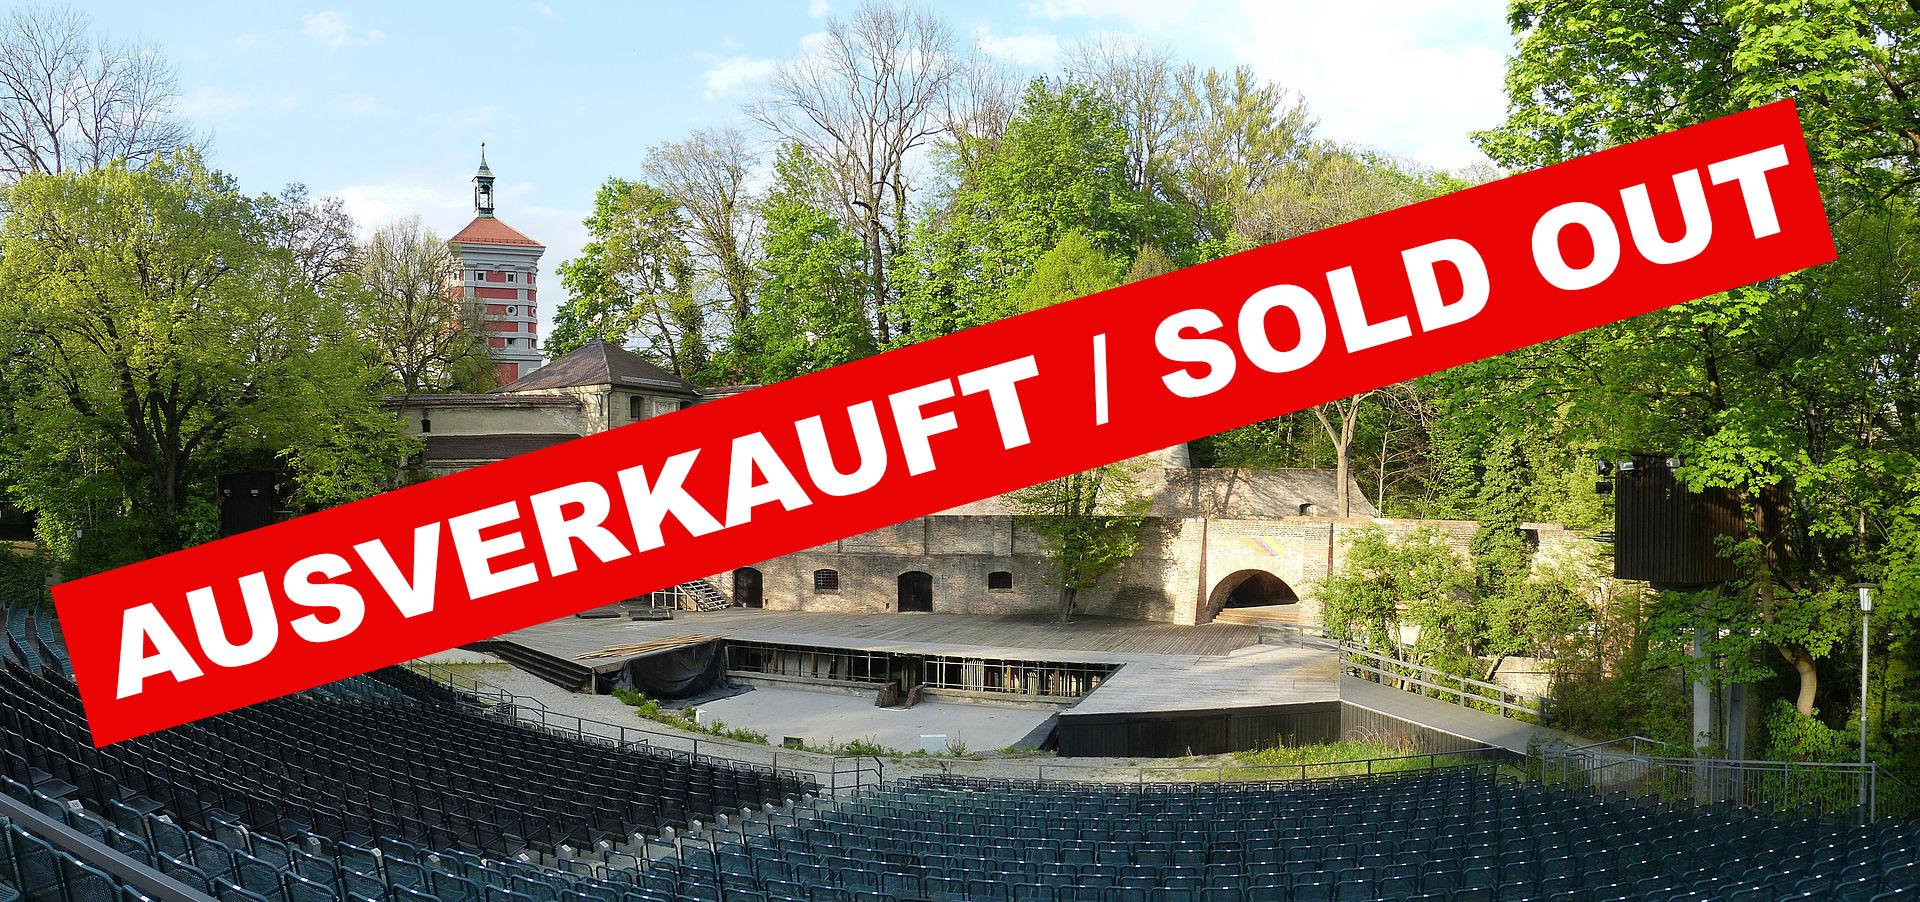 Echoes Augsburg Freilichtbühne ausverkauft / sold out